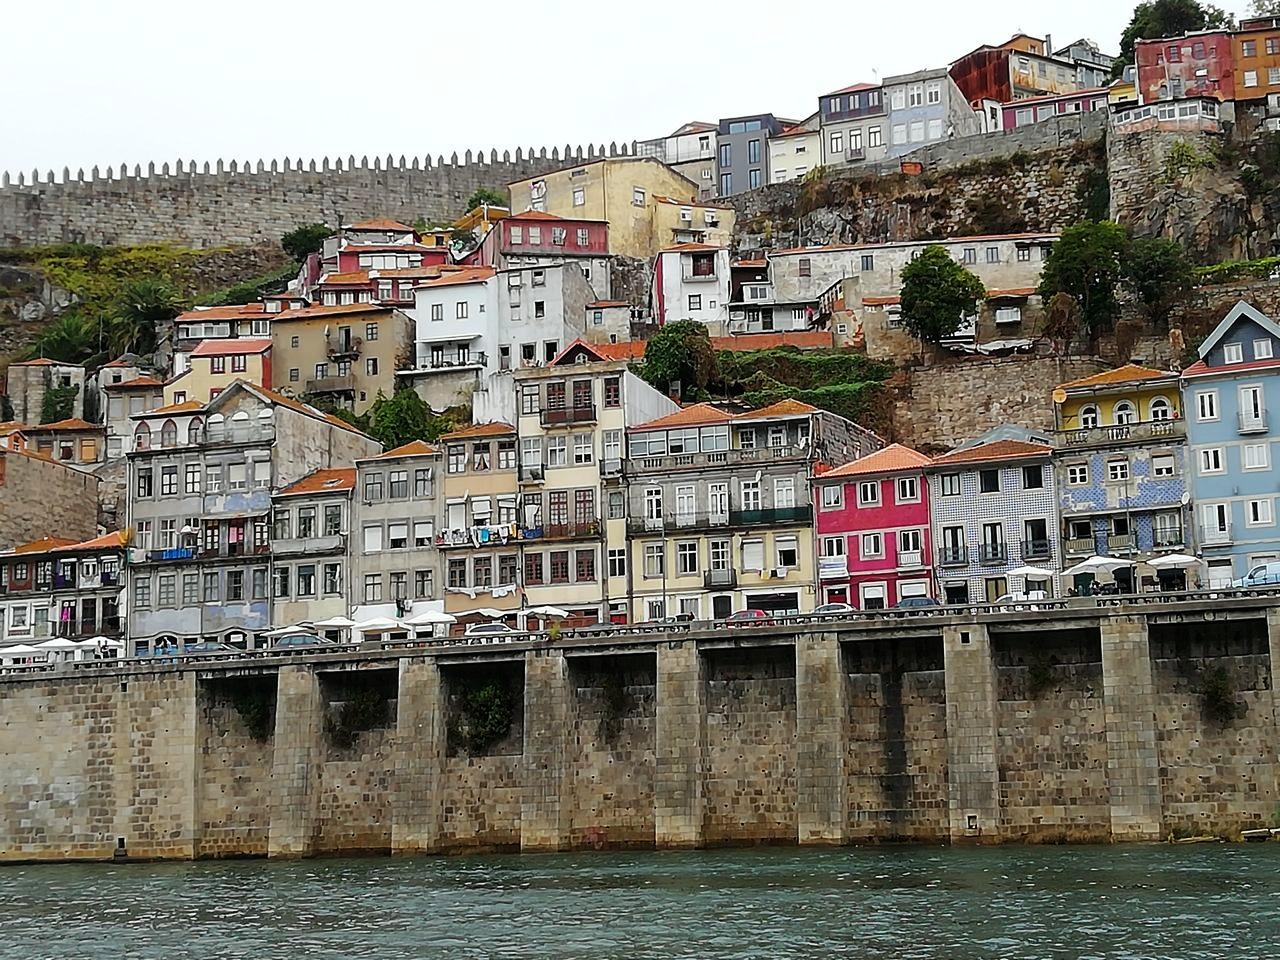 Casas con fachadas de colores y la muralla fernandina de Oporto al fondo.